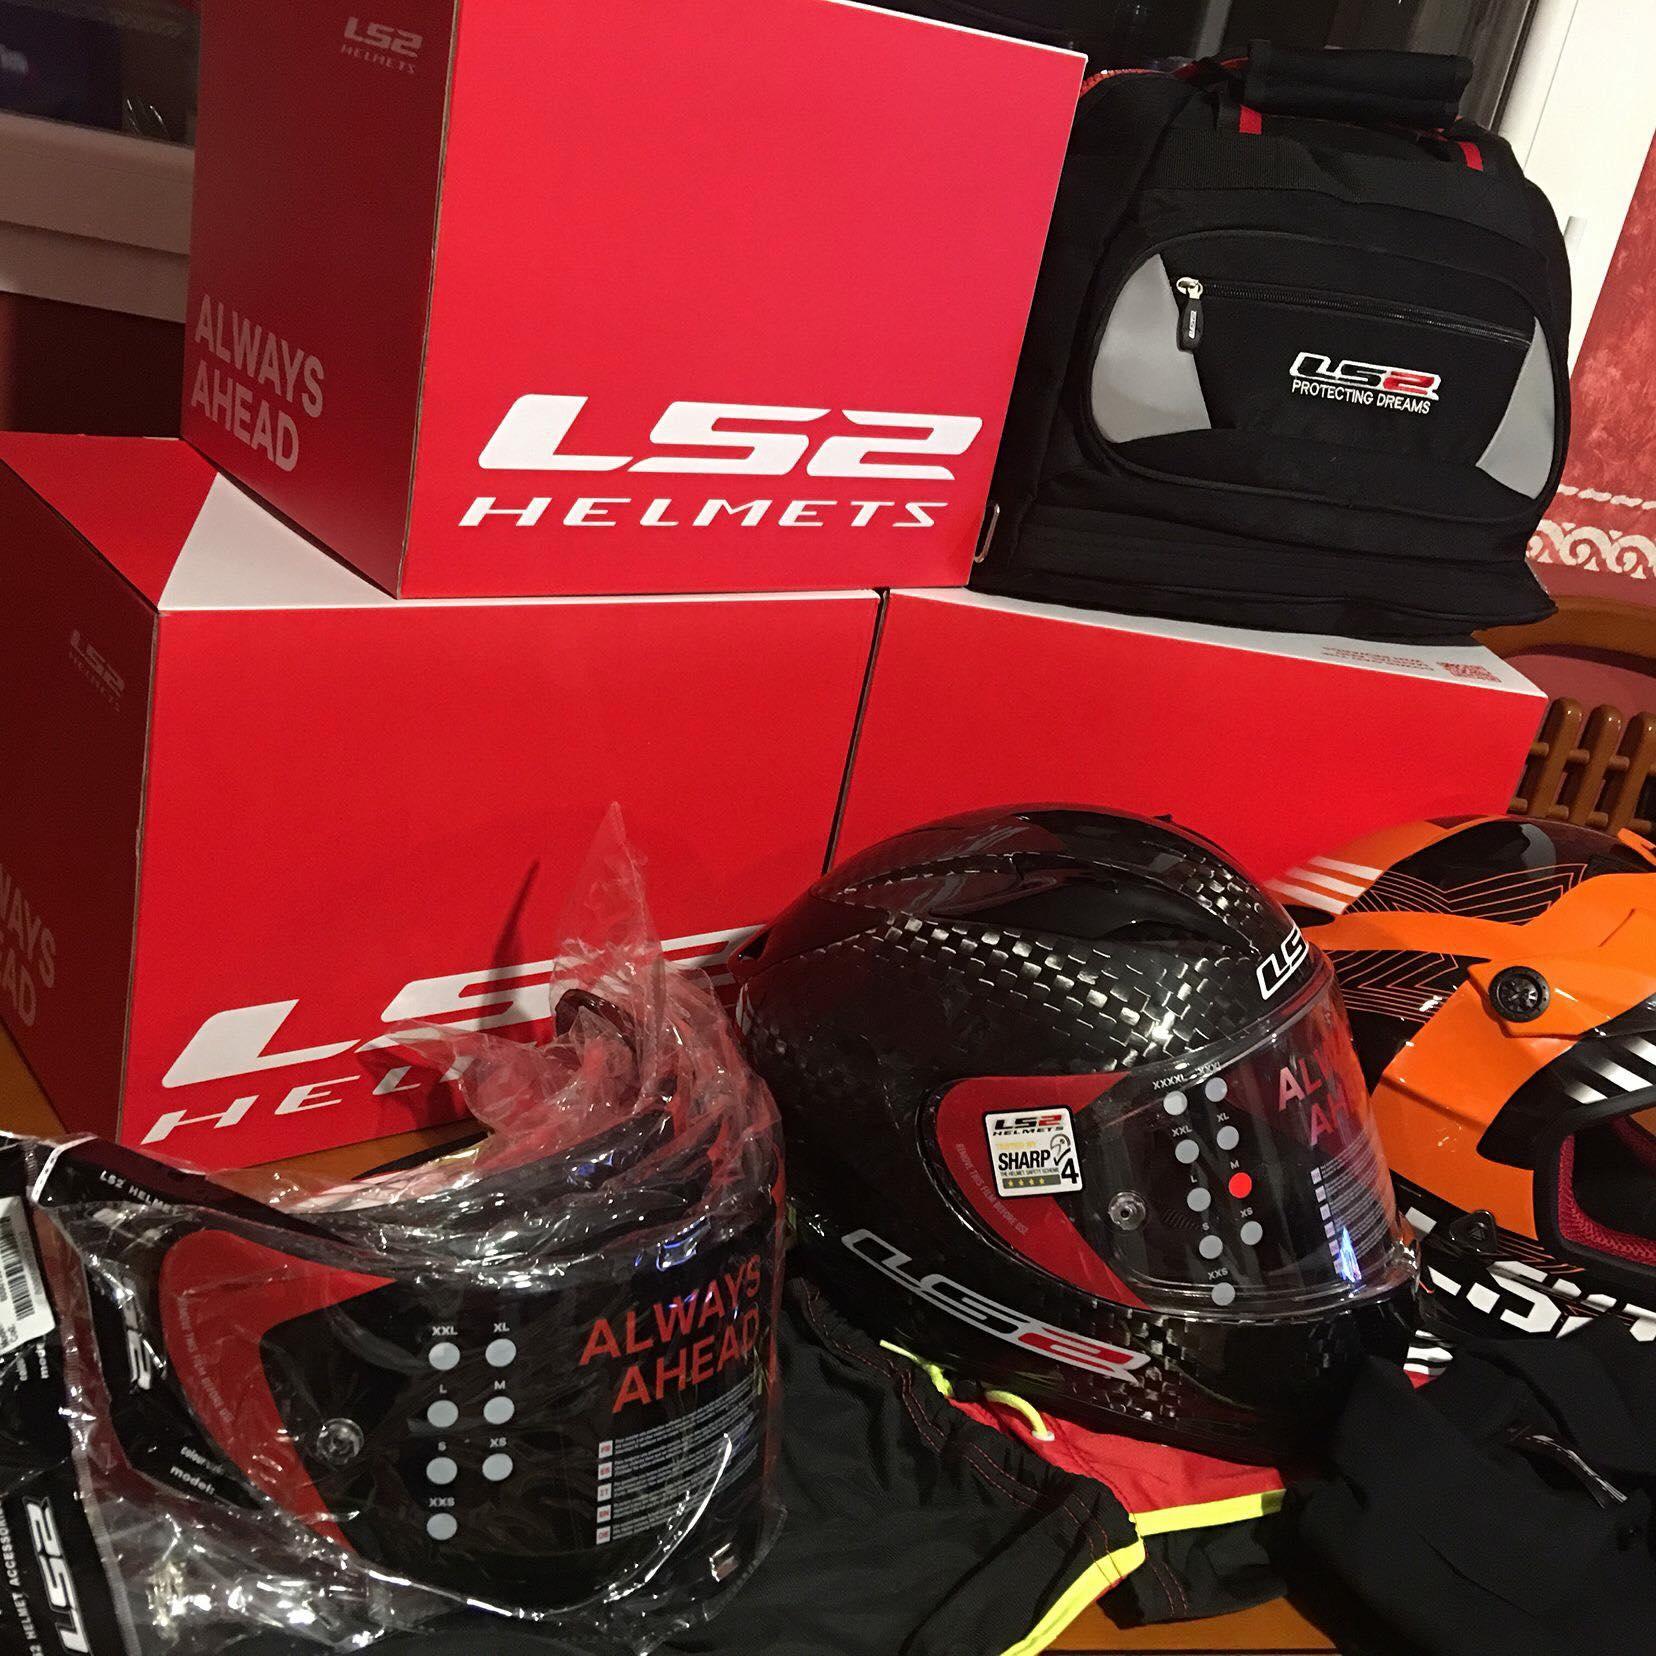 Gracias LS2 Helmets Oficial por cuidar de mí.